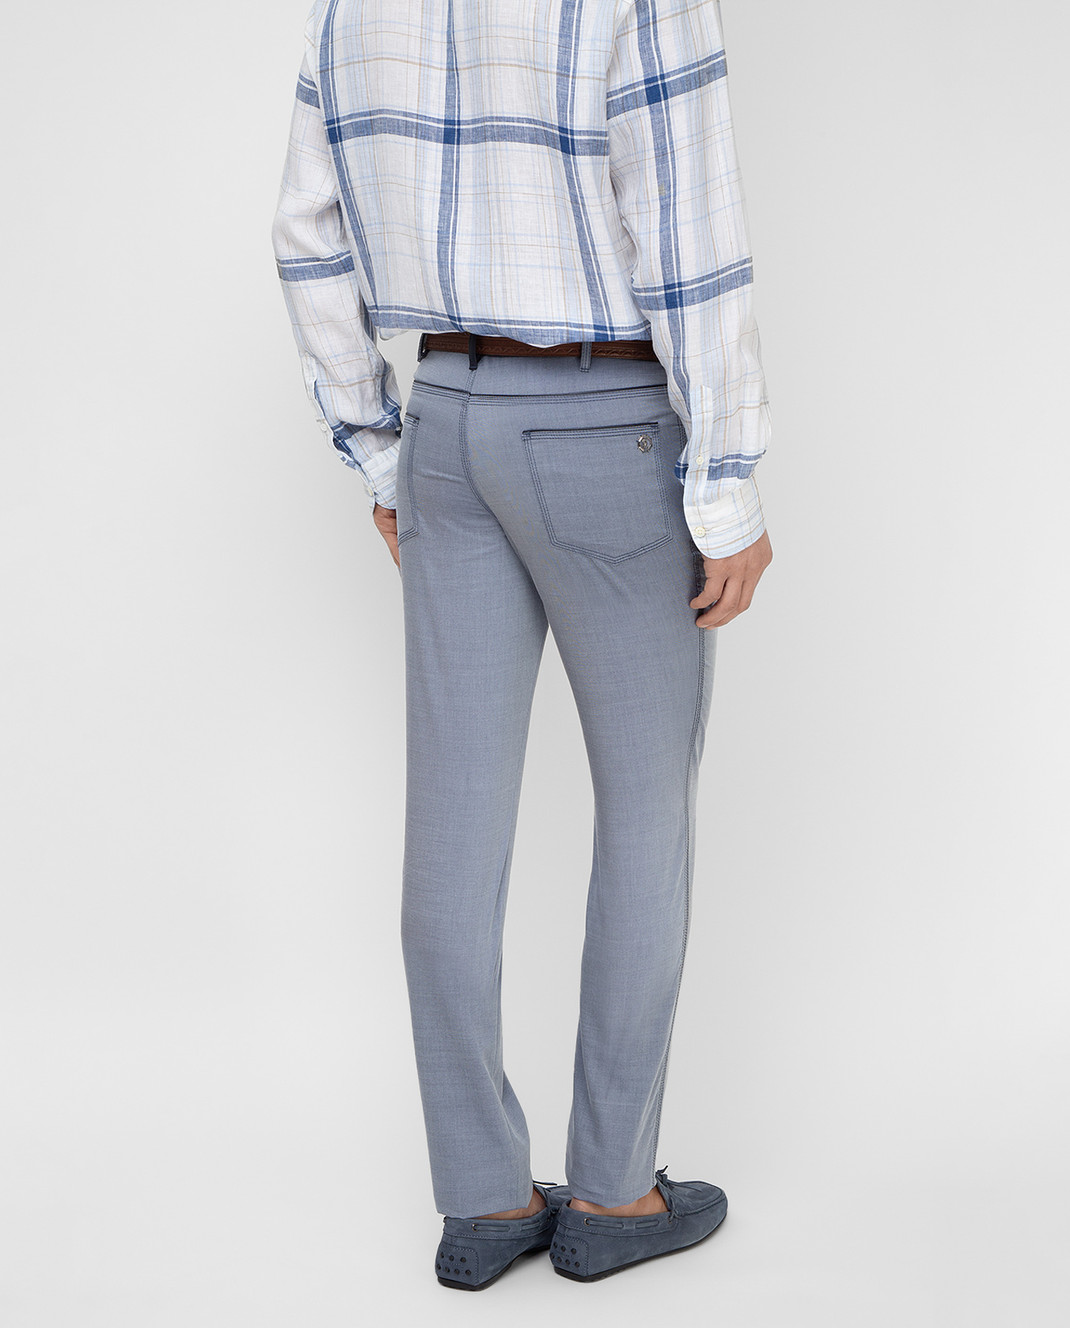 Stefano Ricci Голубые брюки MBT8100020 изображение 4